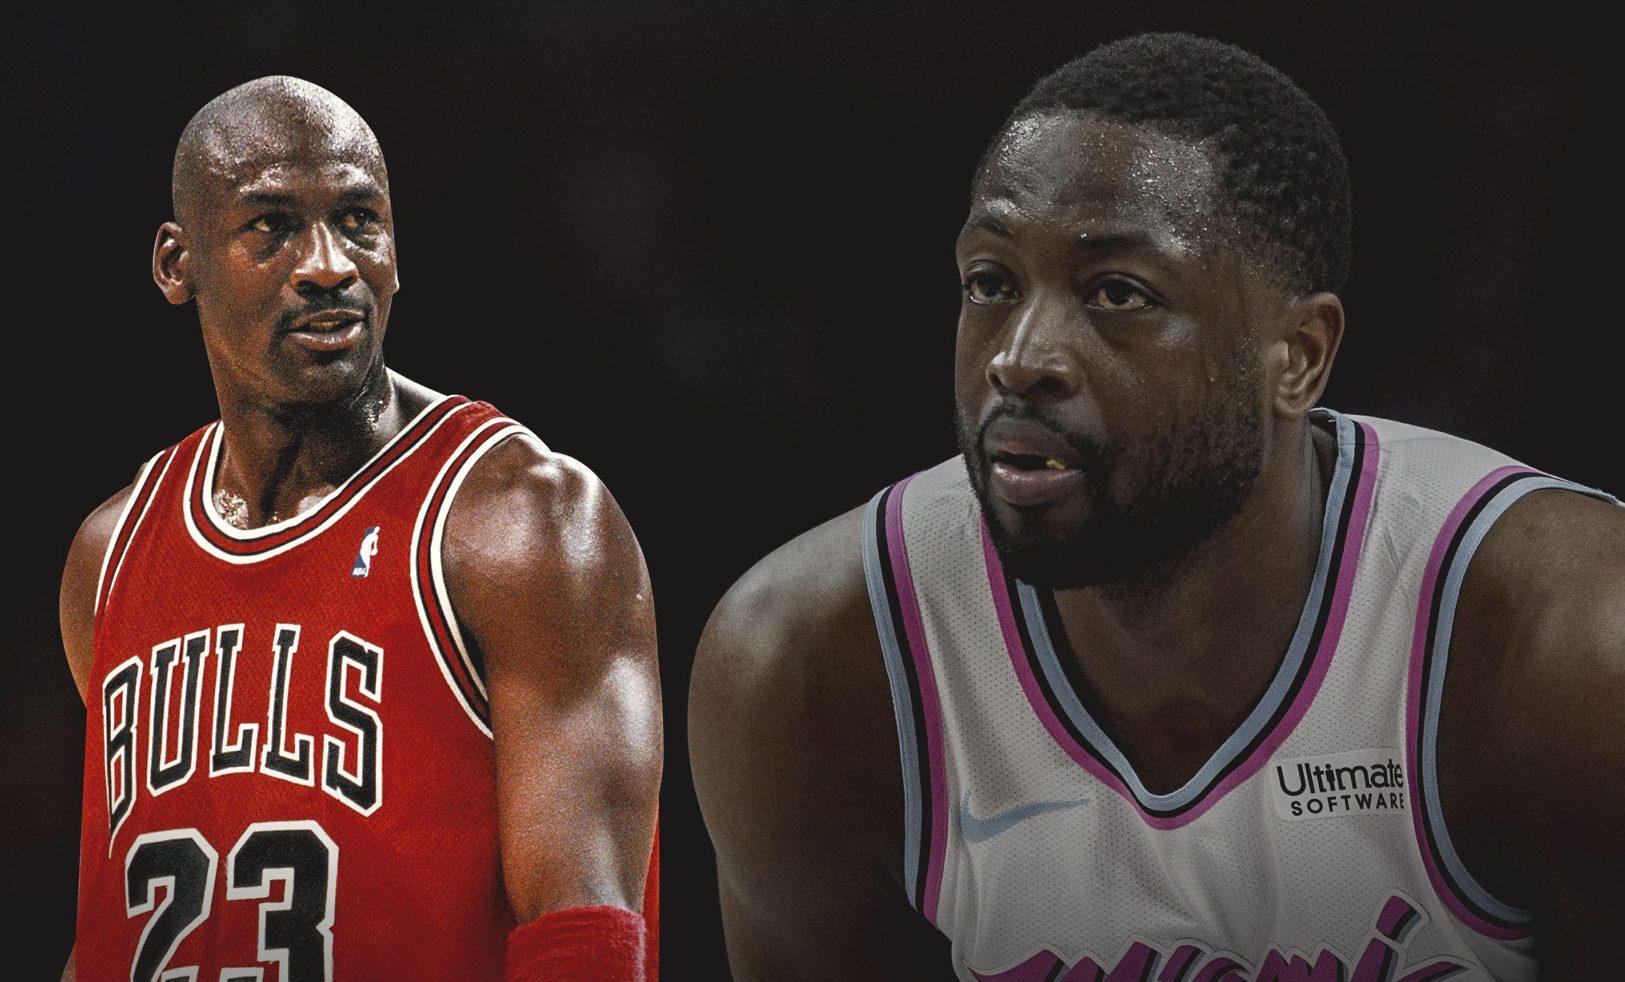 Michael Jordan and Dwyane Wade